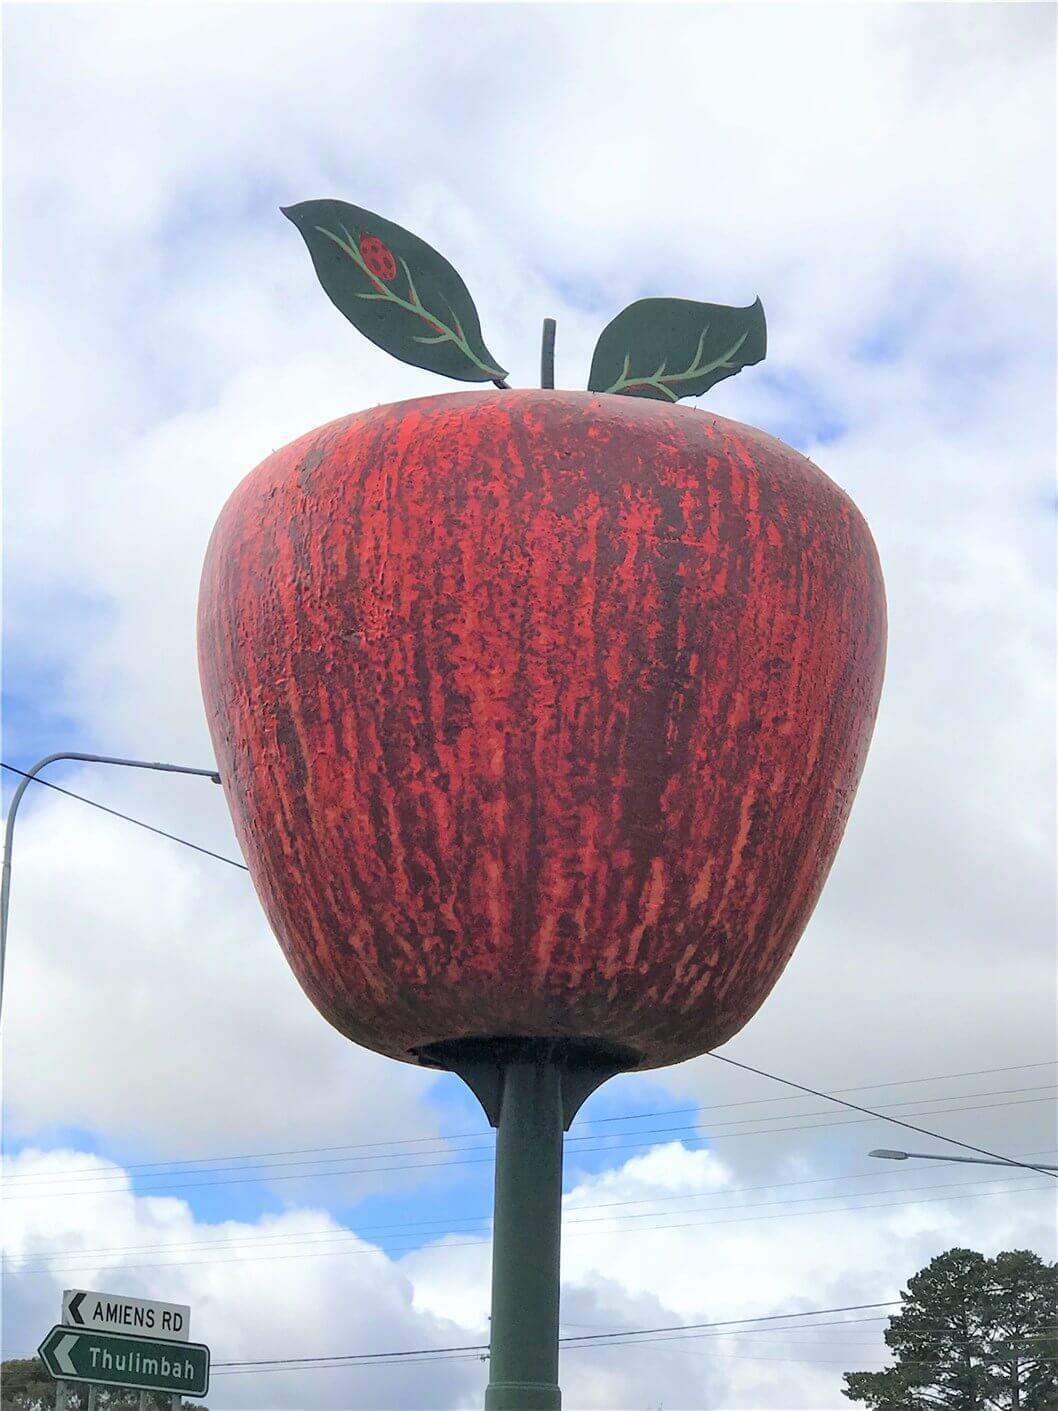 Stanthorpeのランドマーク『Big Apple(ビッグアップル)』の画像